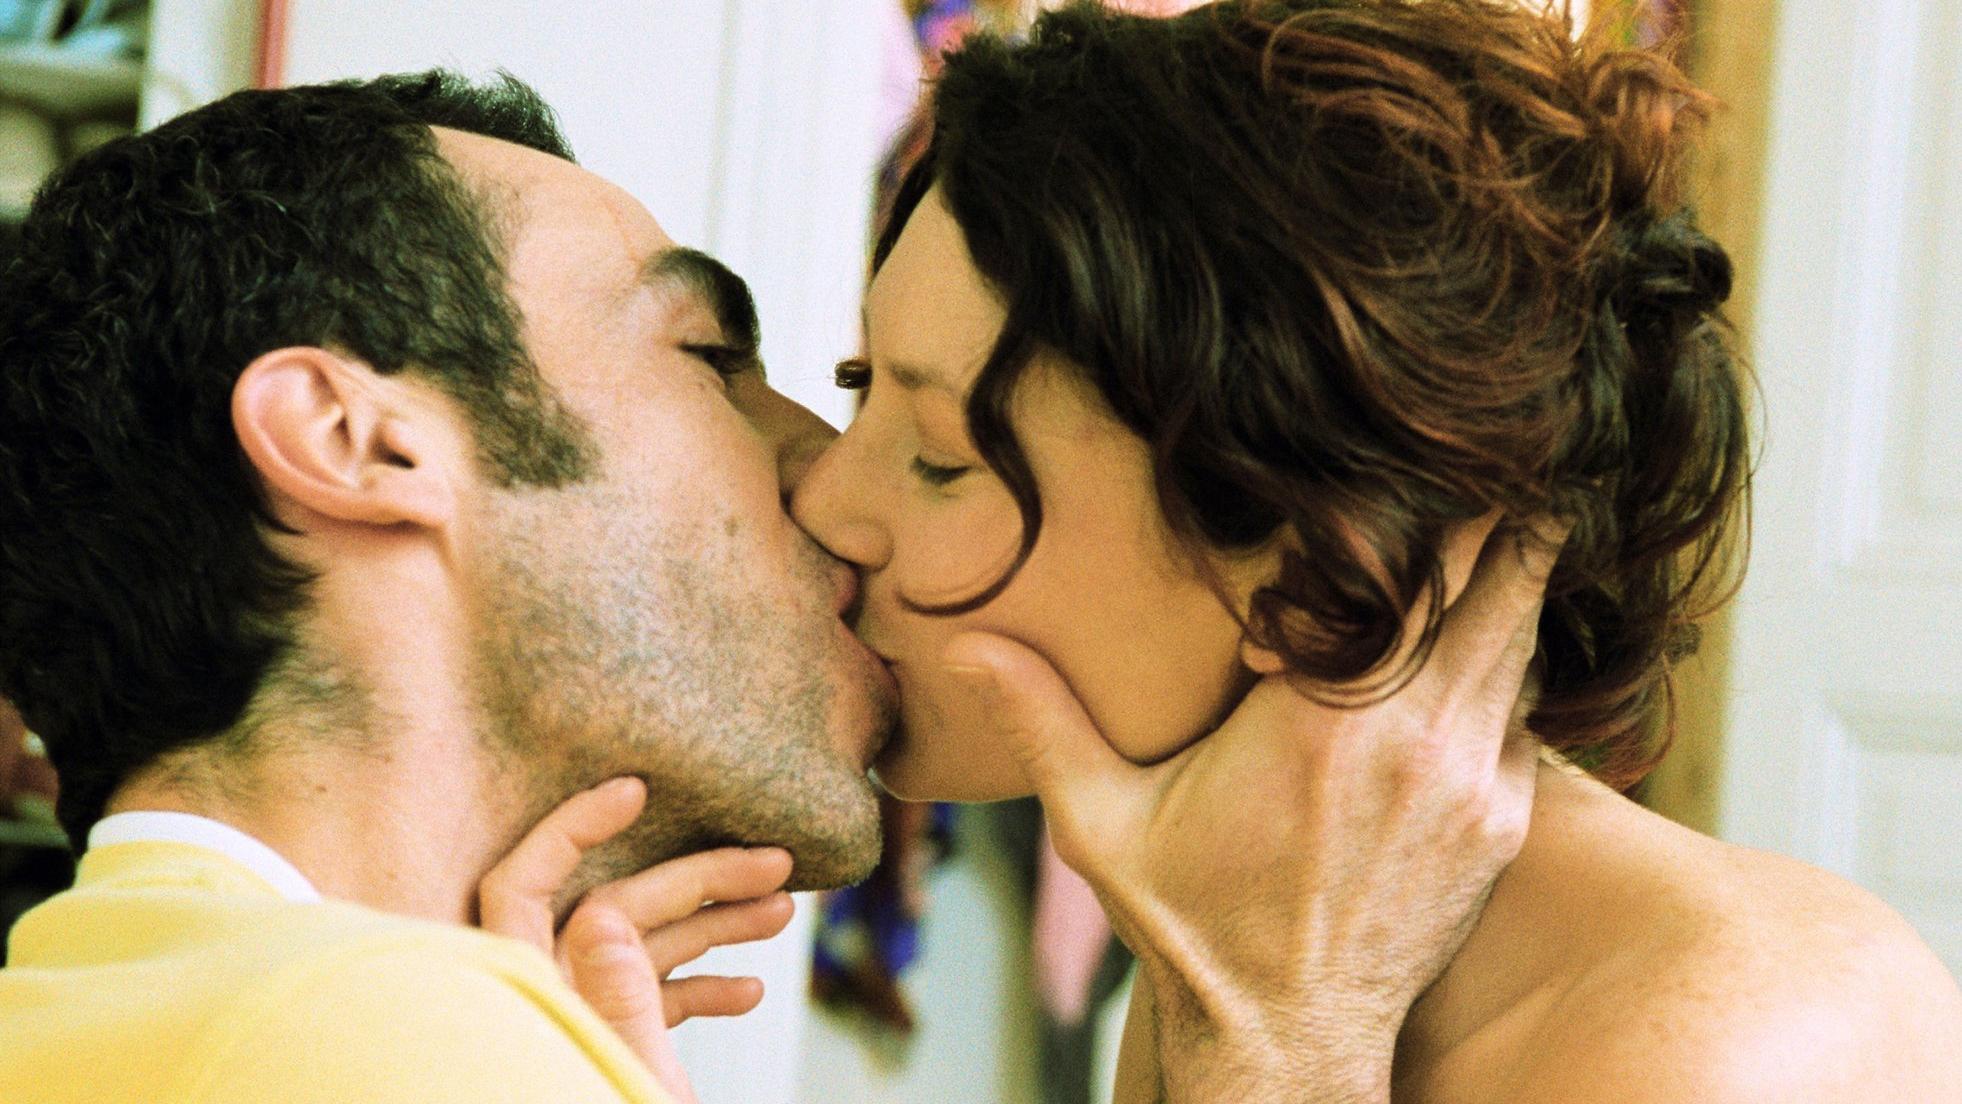 Страстный поцелуй члена 9 фотография